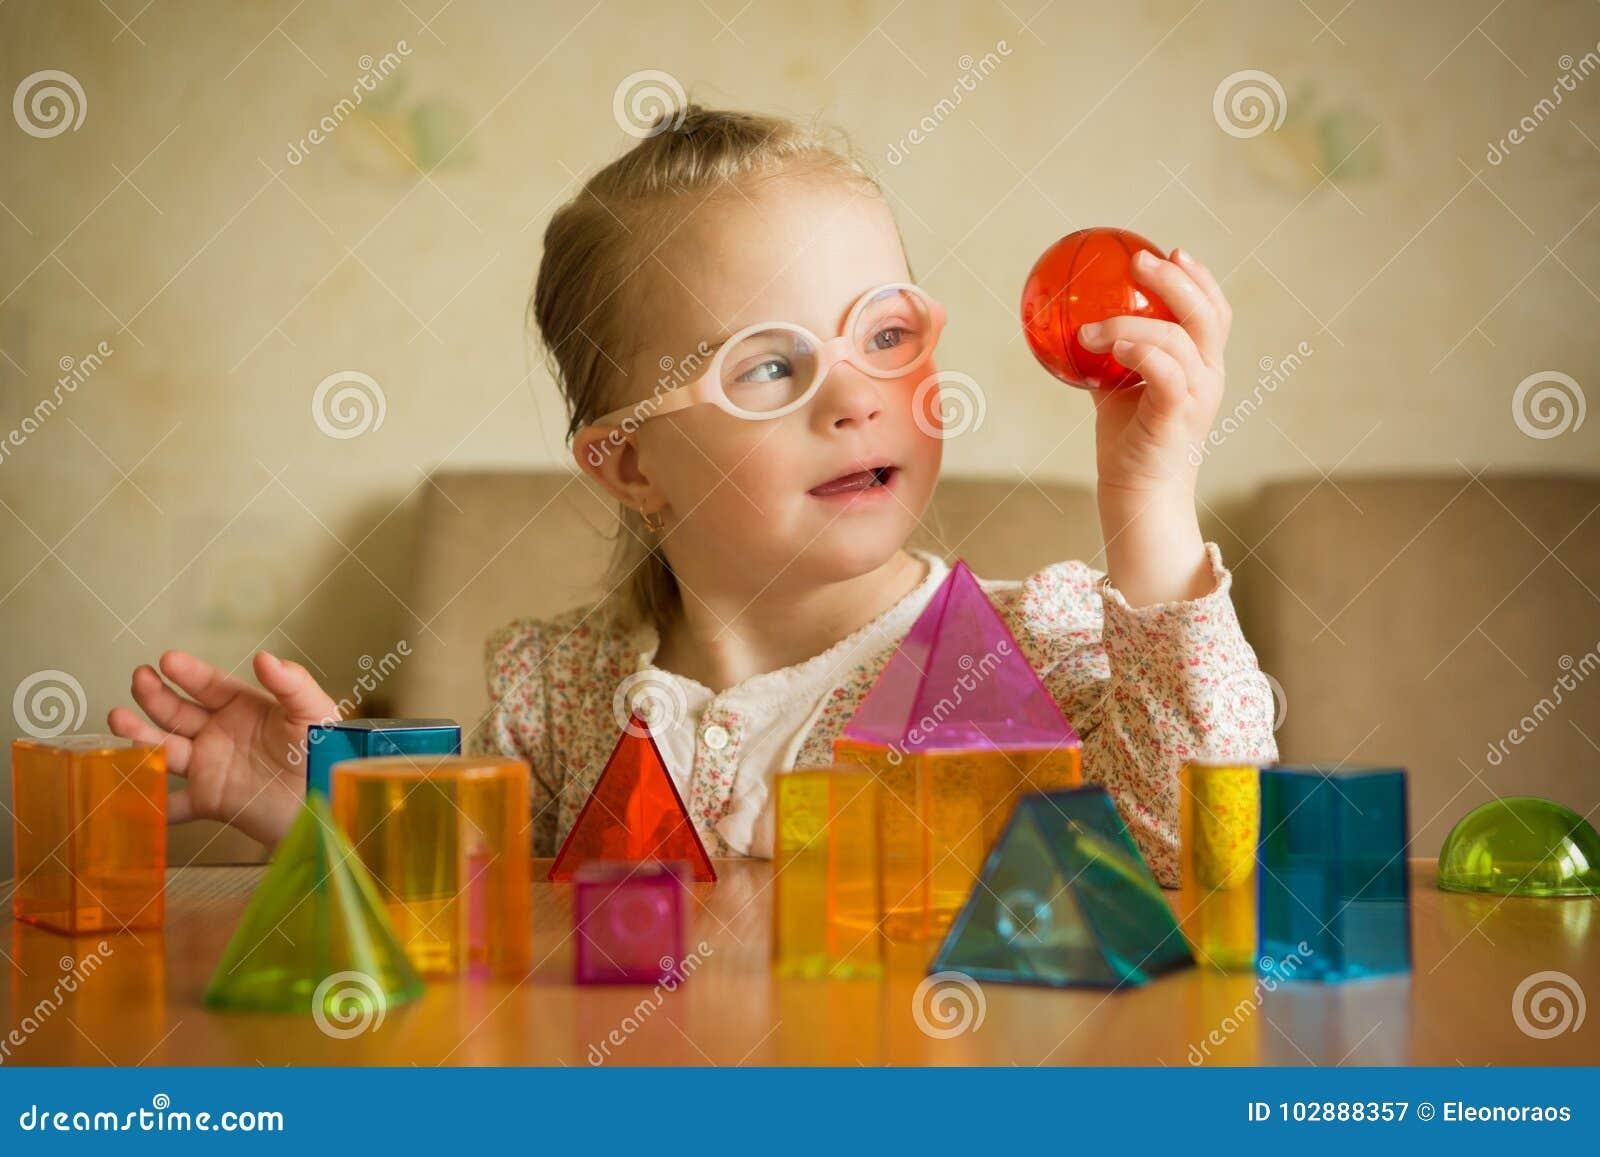 Ragazza con sindrome di Down che gioca con le forme geometriche